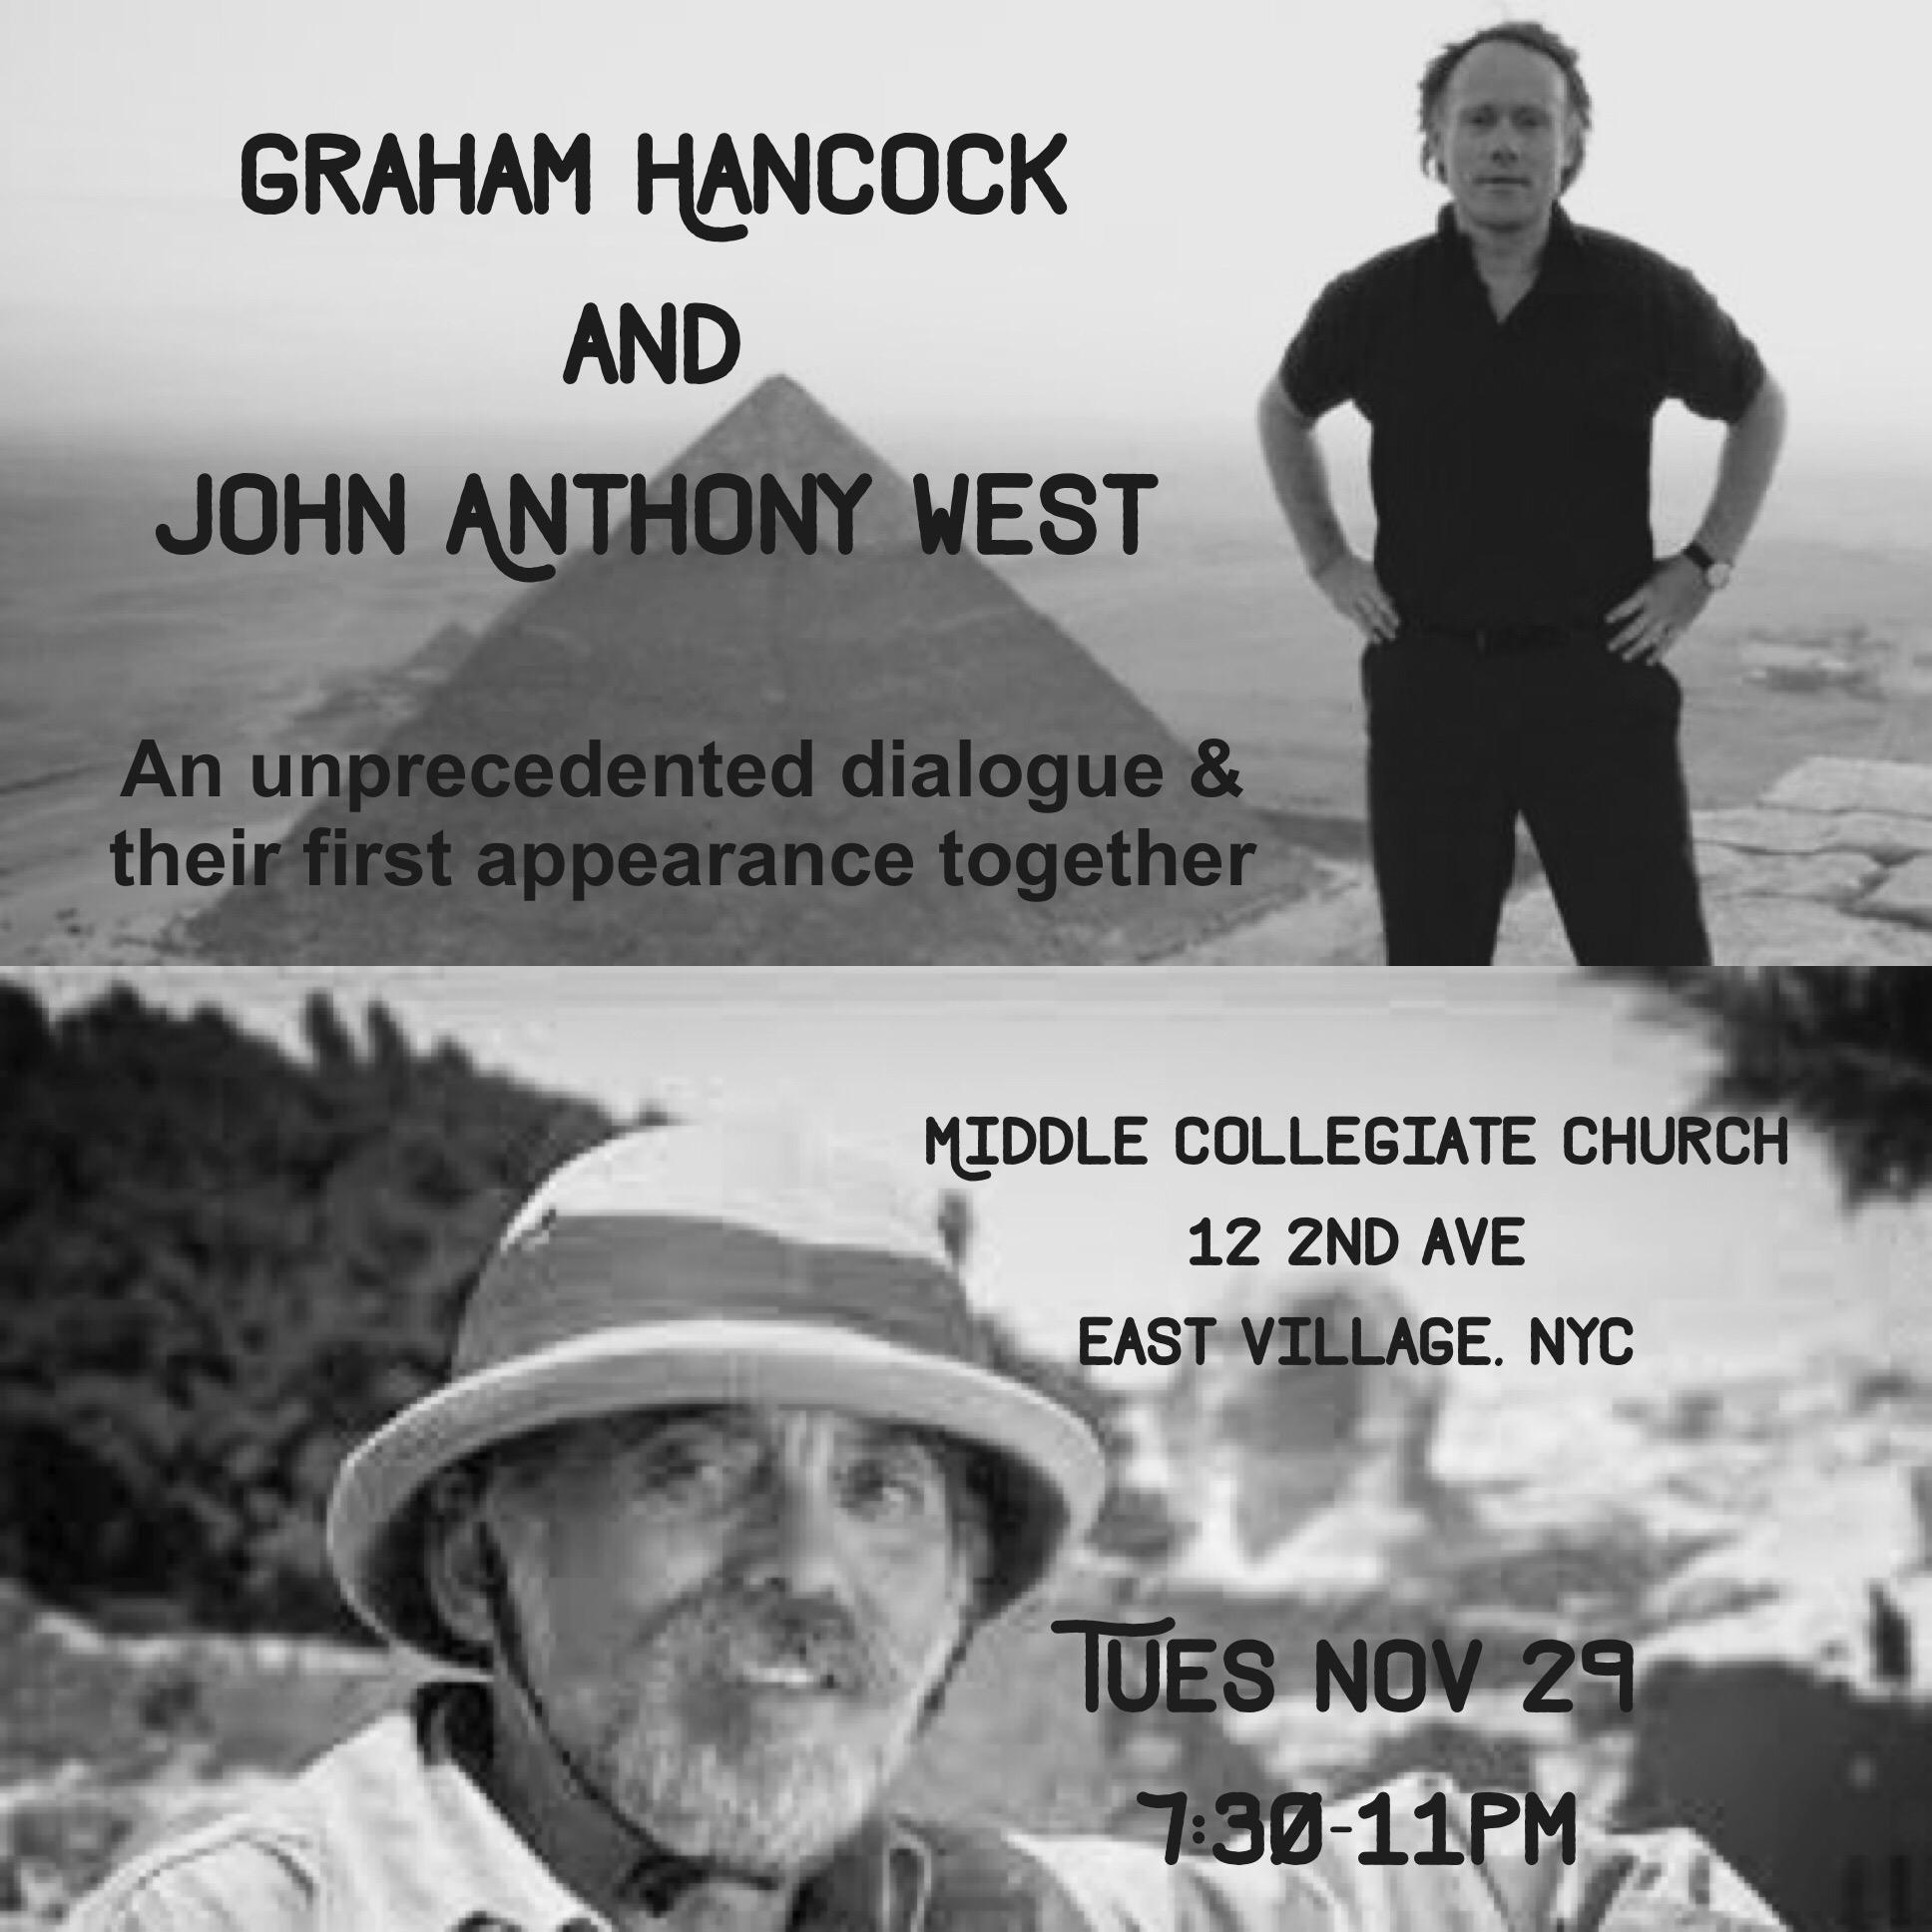 Graham Hancock & John Anthony West